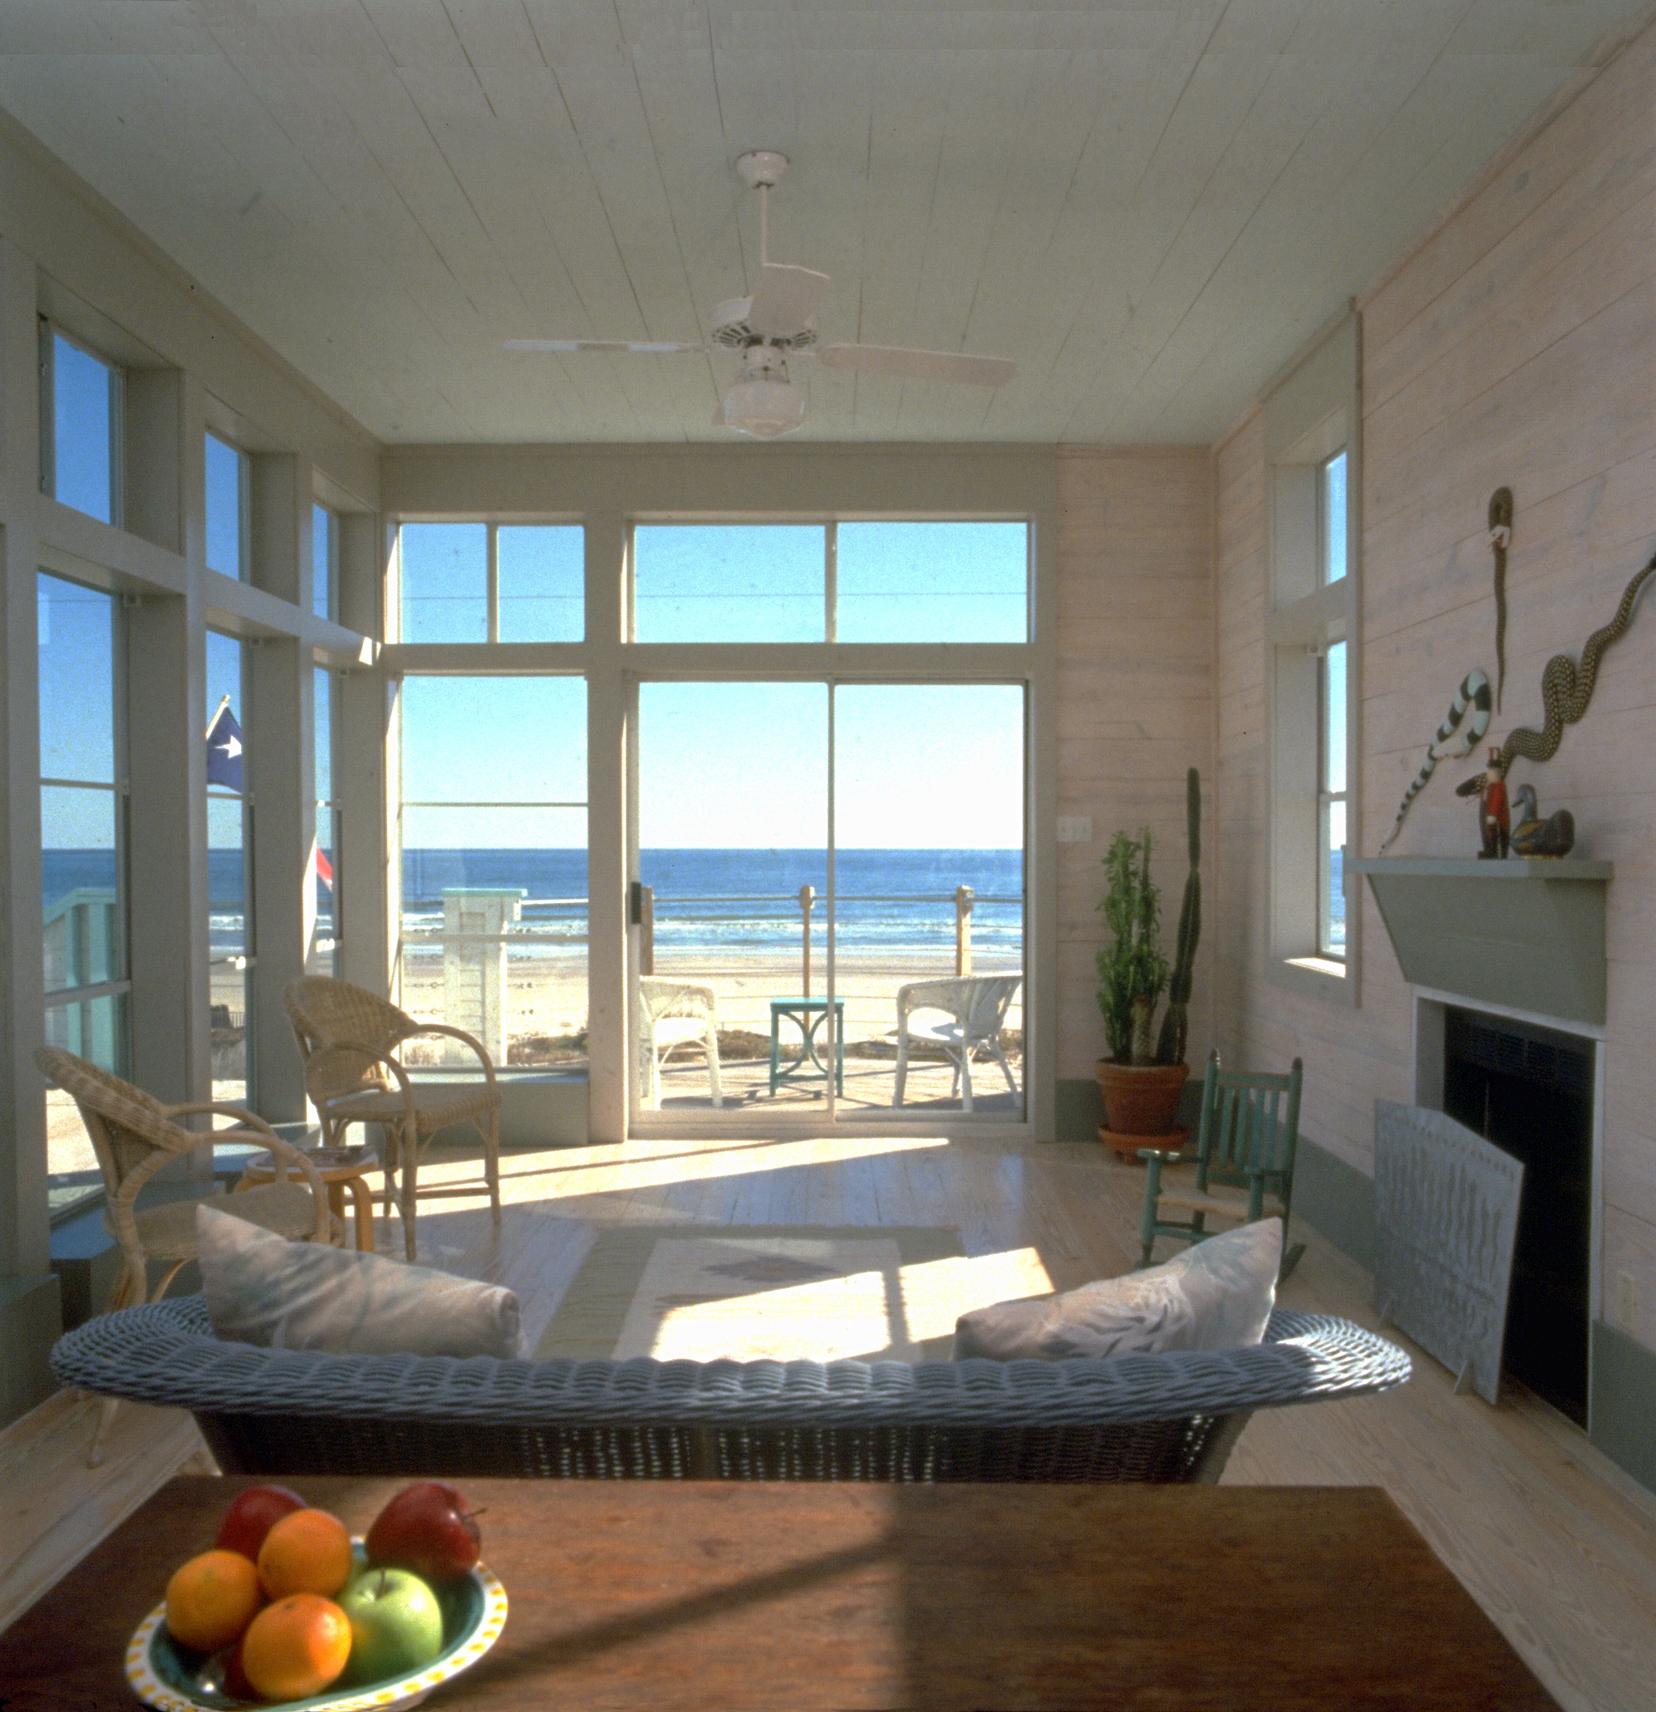 CALDWELL-livingroom w_ fruit.jpg